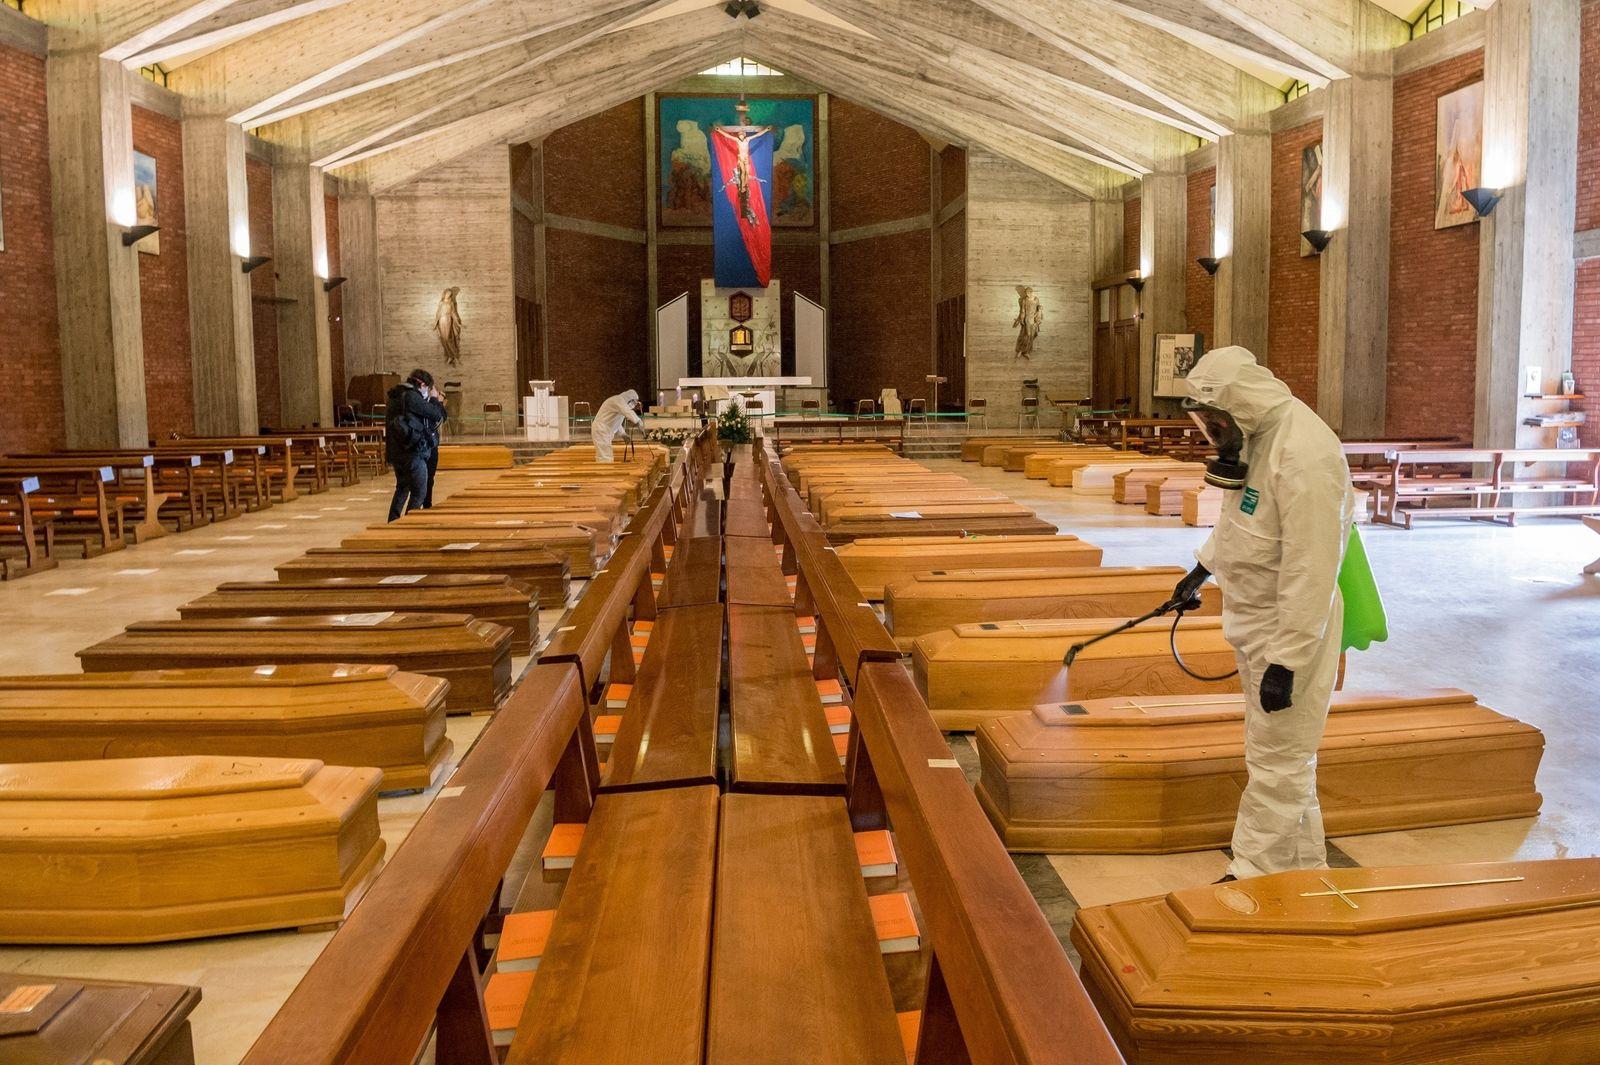 Corona-Krise: Erst die Aussegnung, dann der Abtransport - 90 Covid-19-Tote werden in Seriate zur Einäscherung gebracht